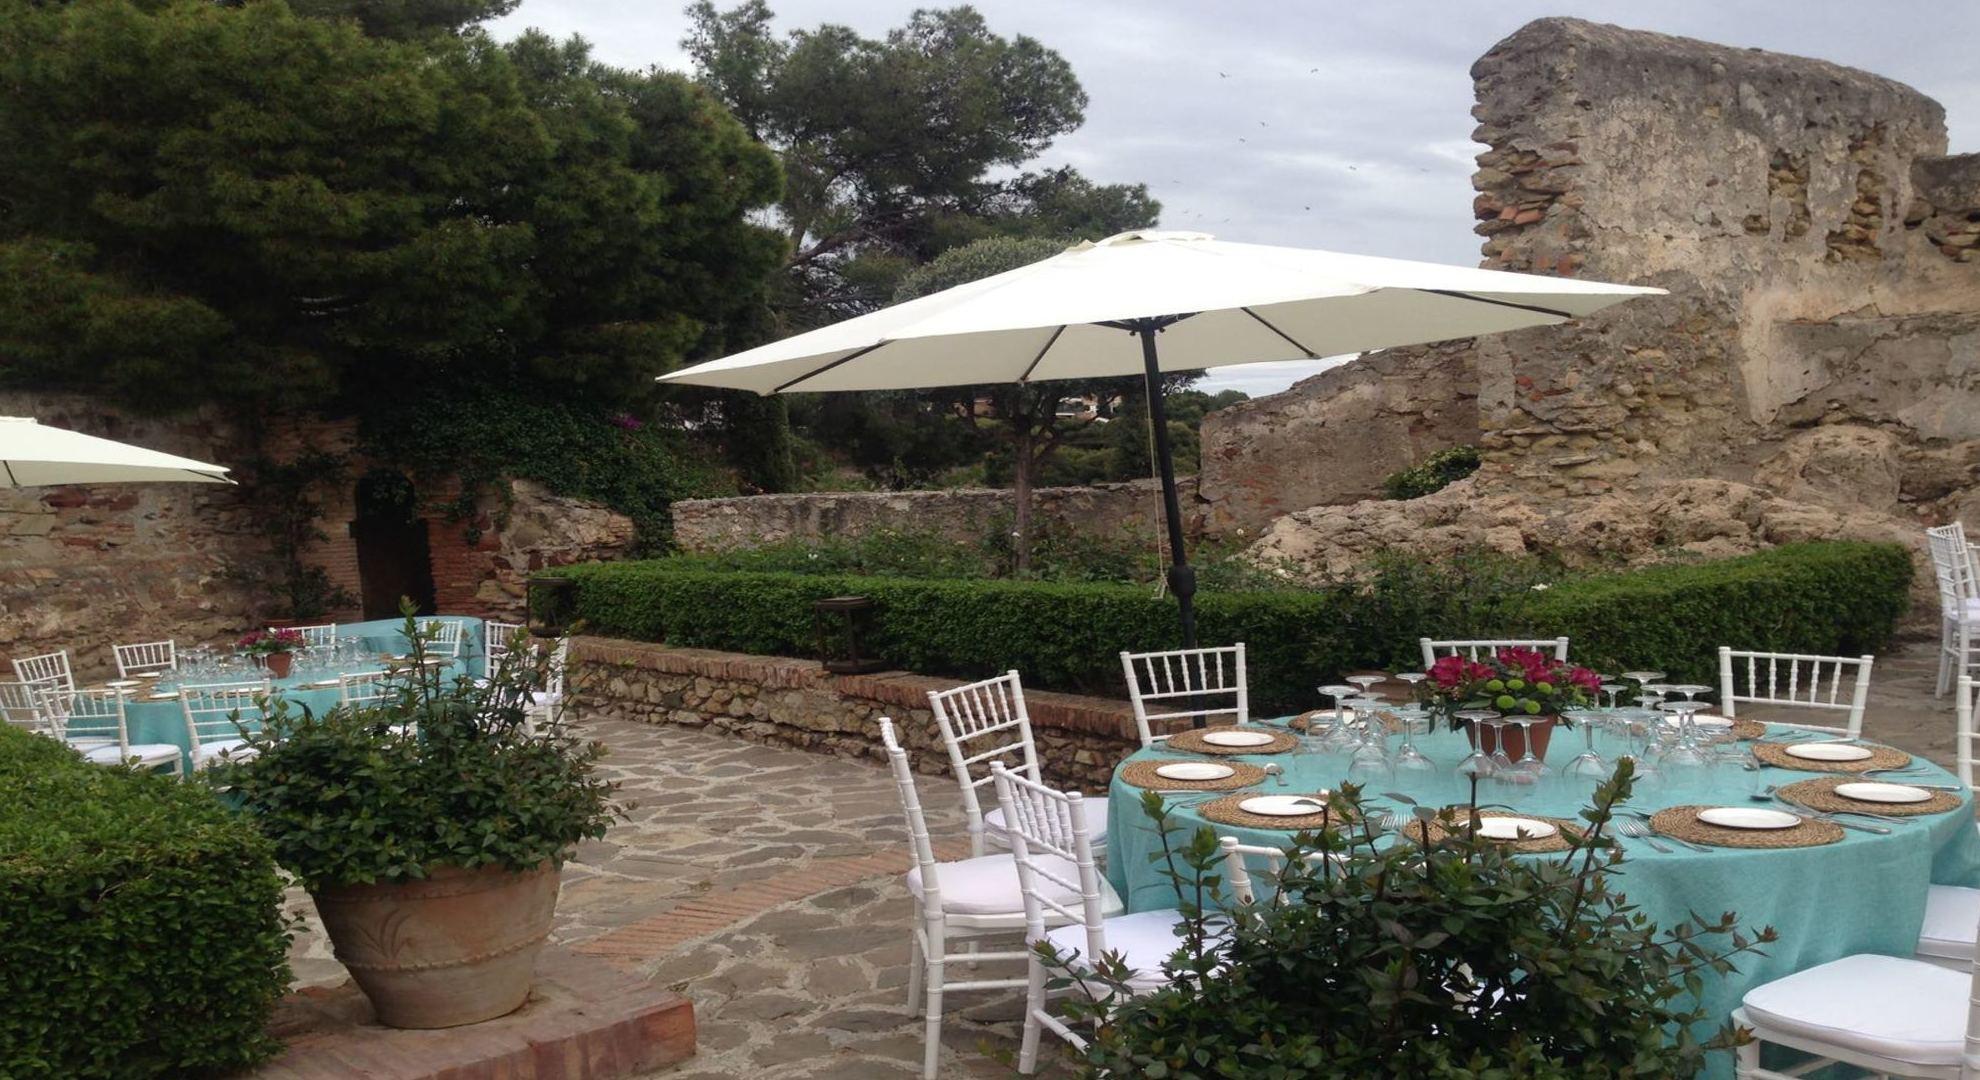 Foto 1 de Alquiler de sillas, mesas y menaje en Jerez de la Frontera | Jedal Alquileres